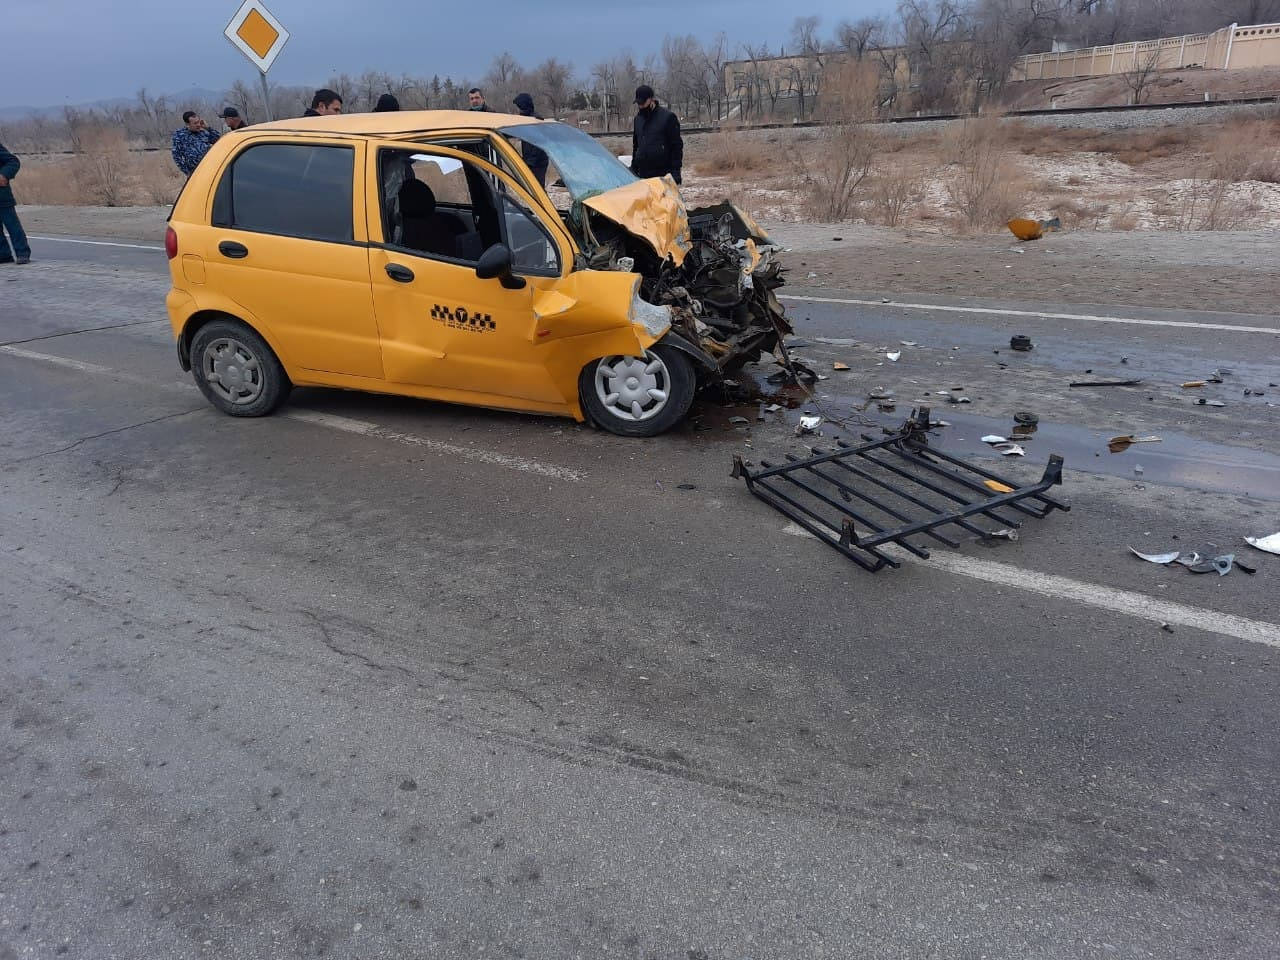 В Навои погиб человек в результате столкновения автомобиля Matiz с грузовиком